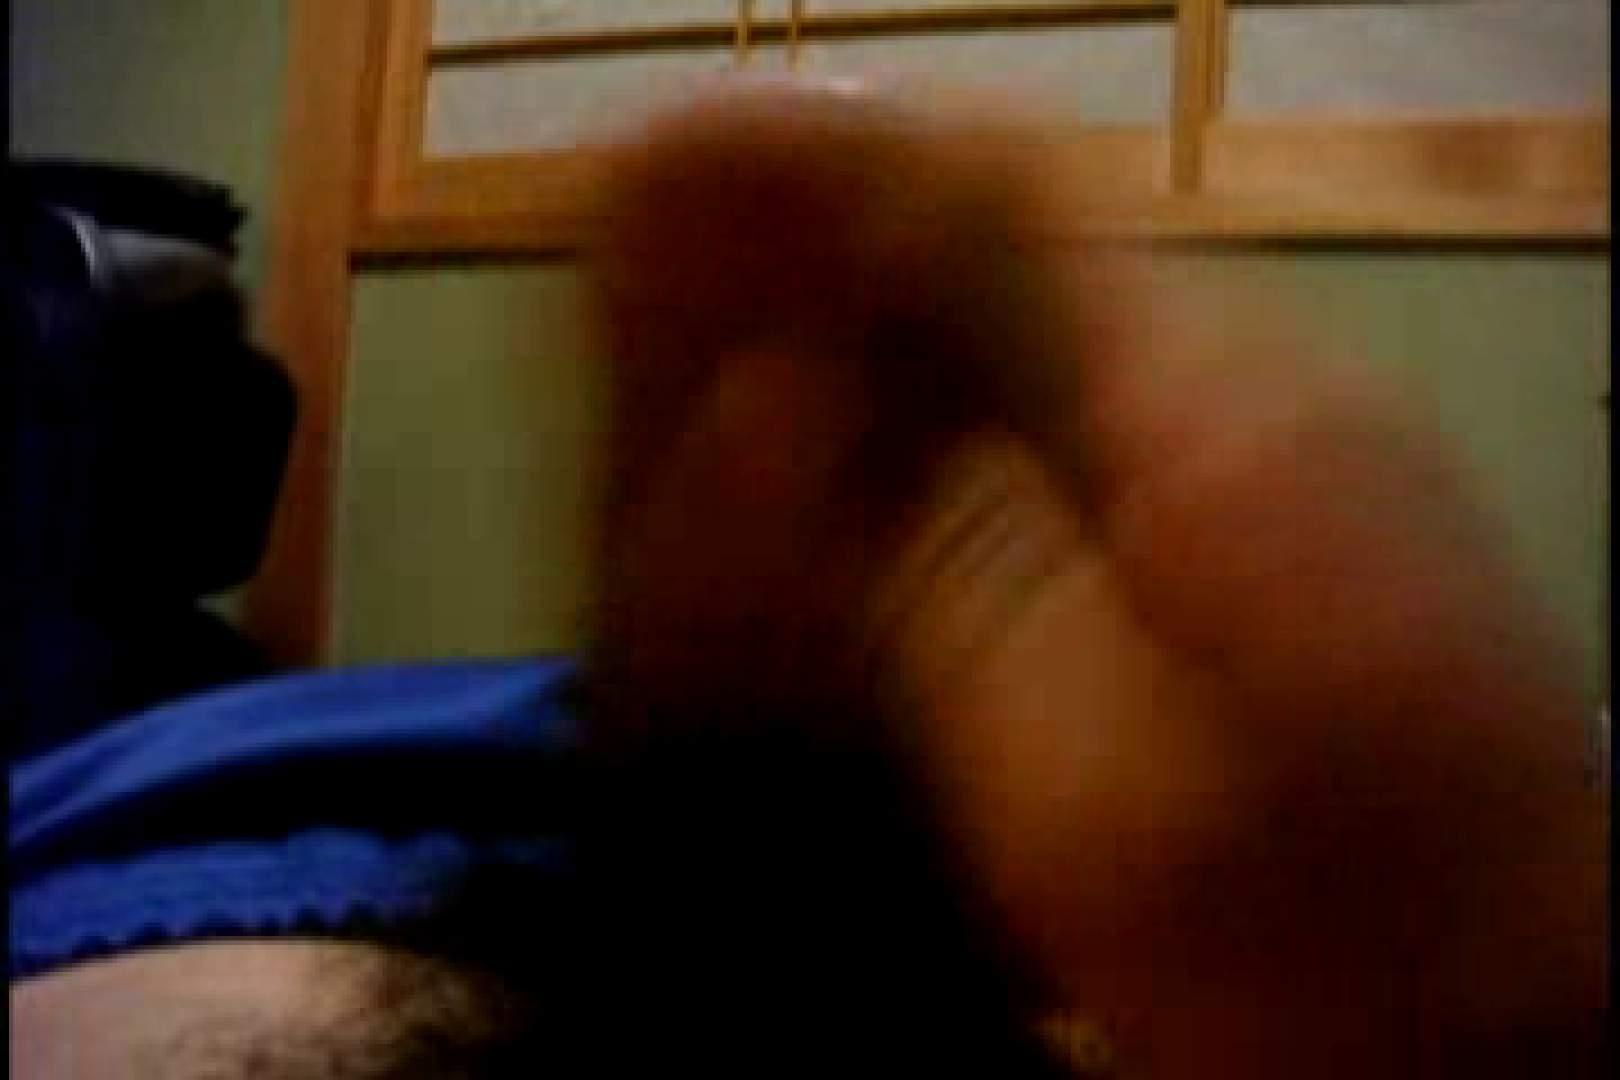 オナ好きノンケテニス部員の自画撮り投稿vol.02 射精 GAY無修正エロ動画 76枚 33